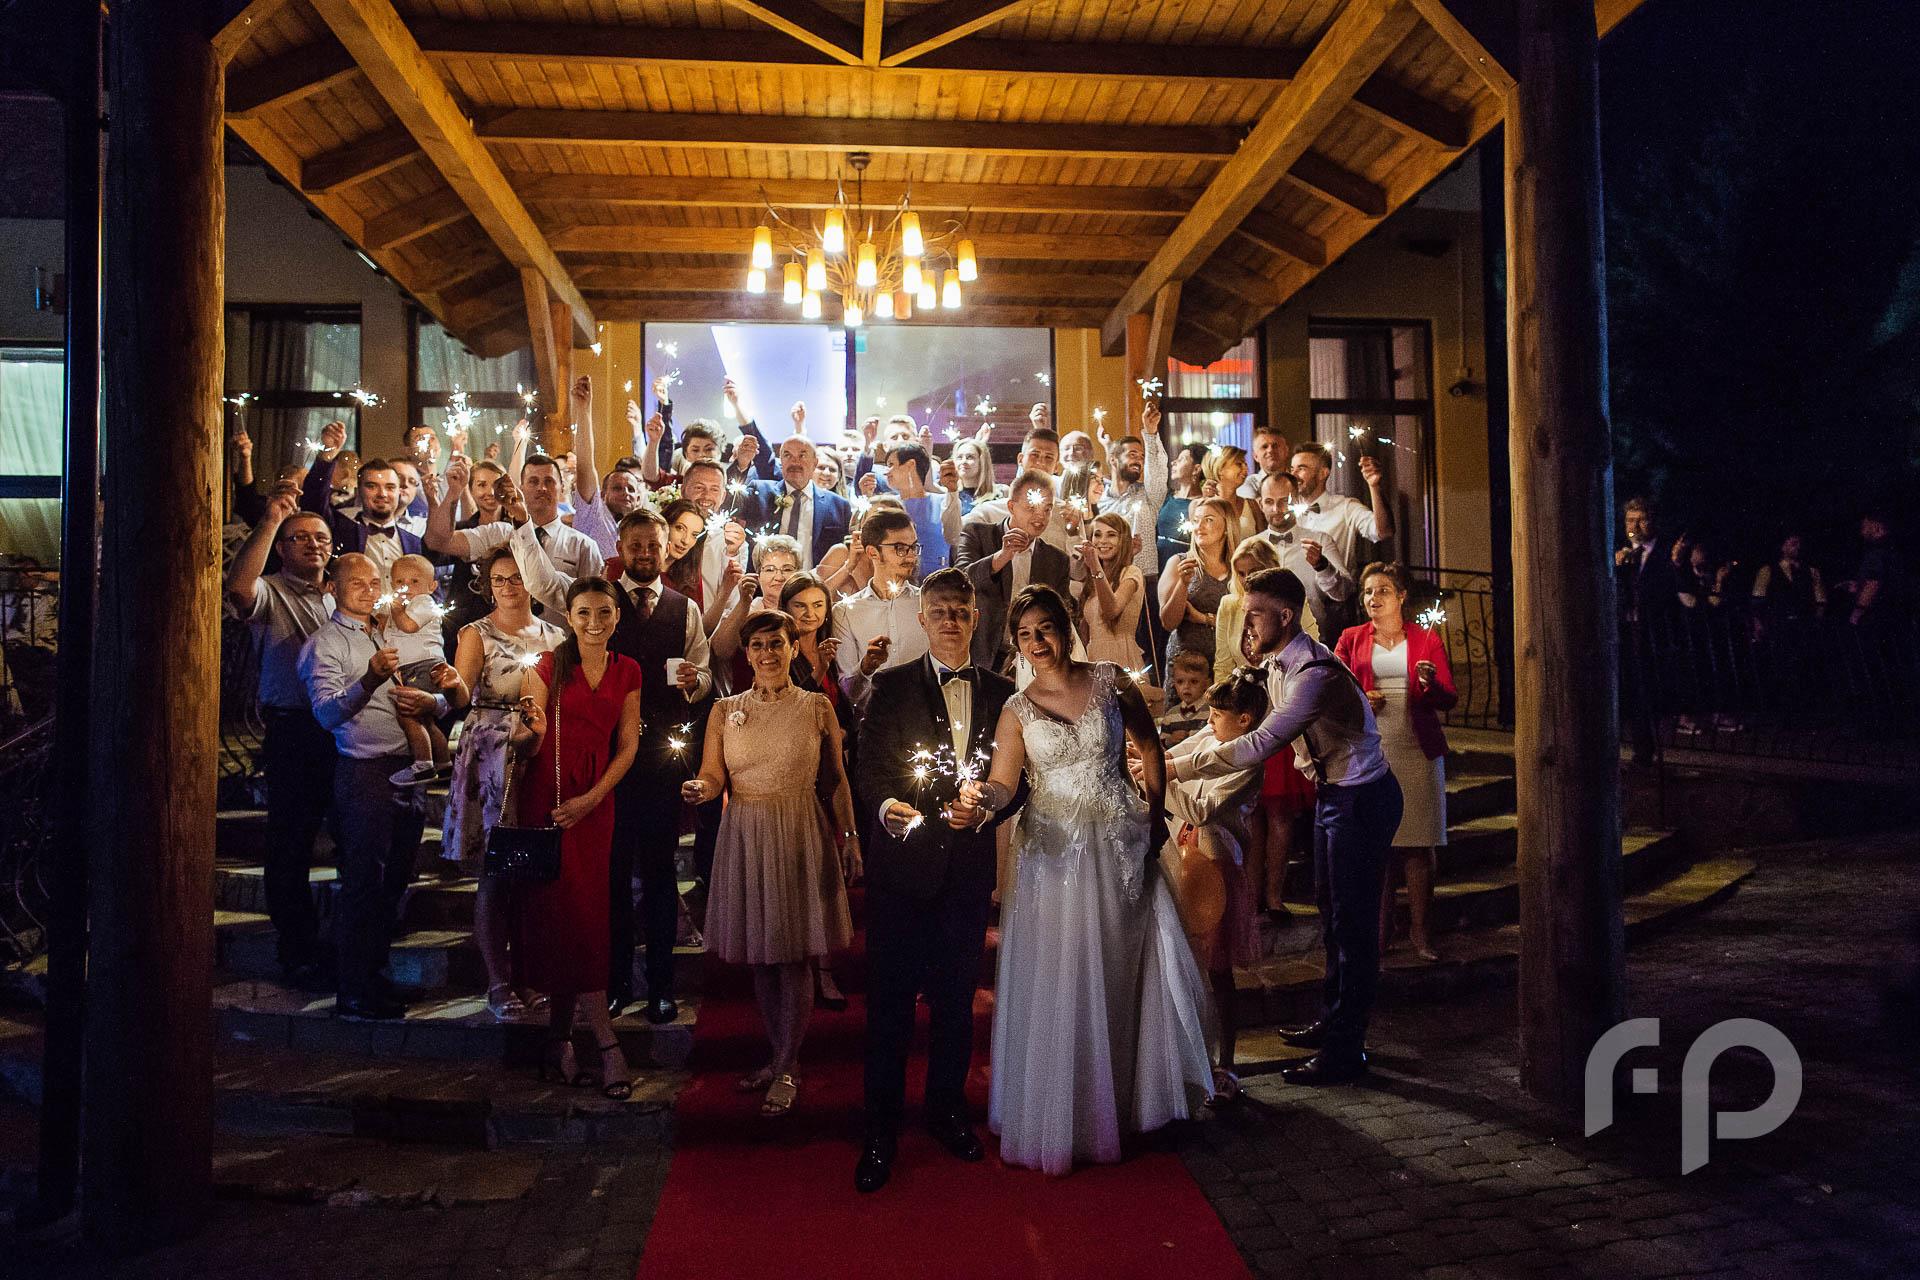 grupowe zdjęcie ślubne z zimnymi ogniami